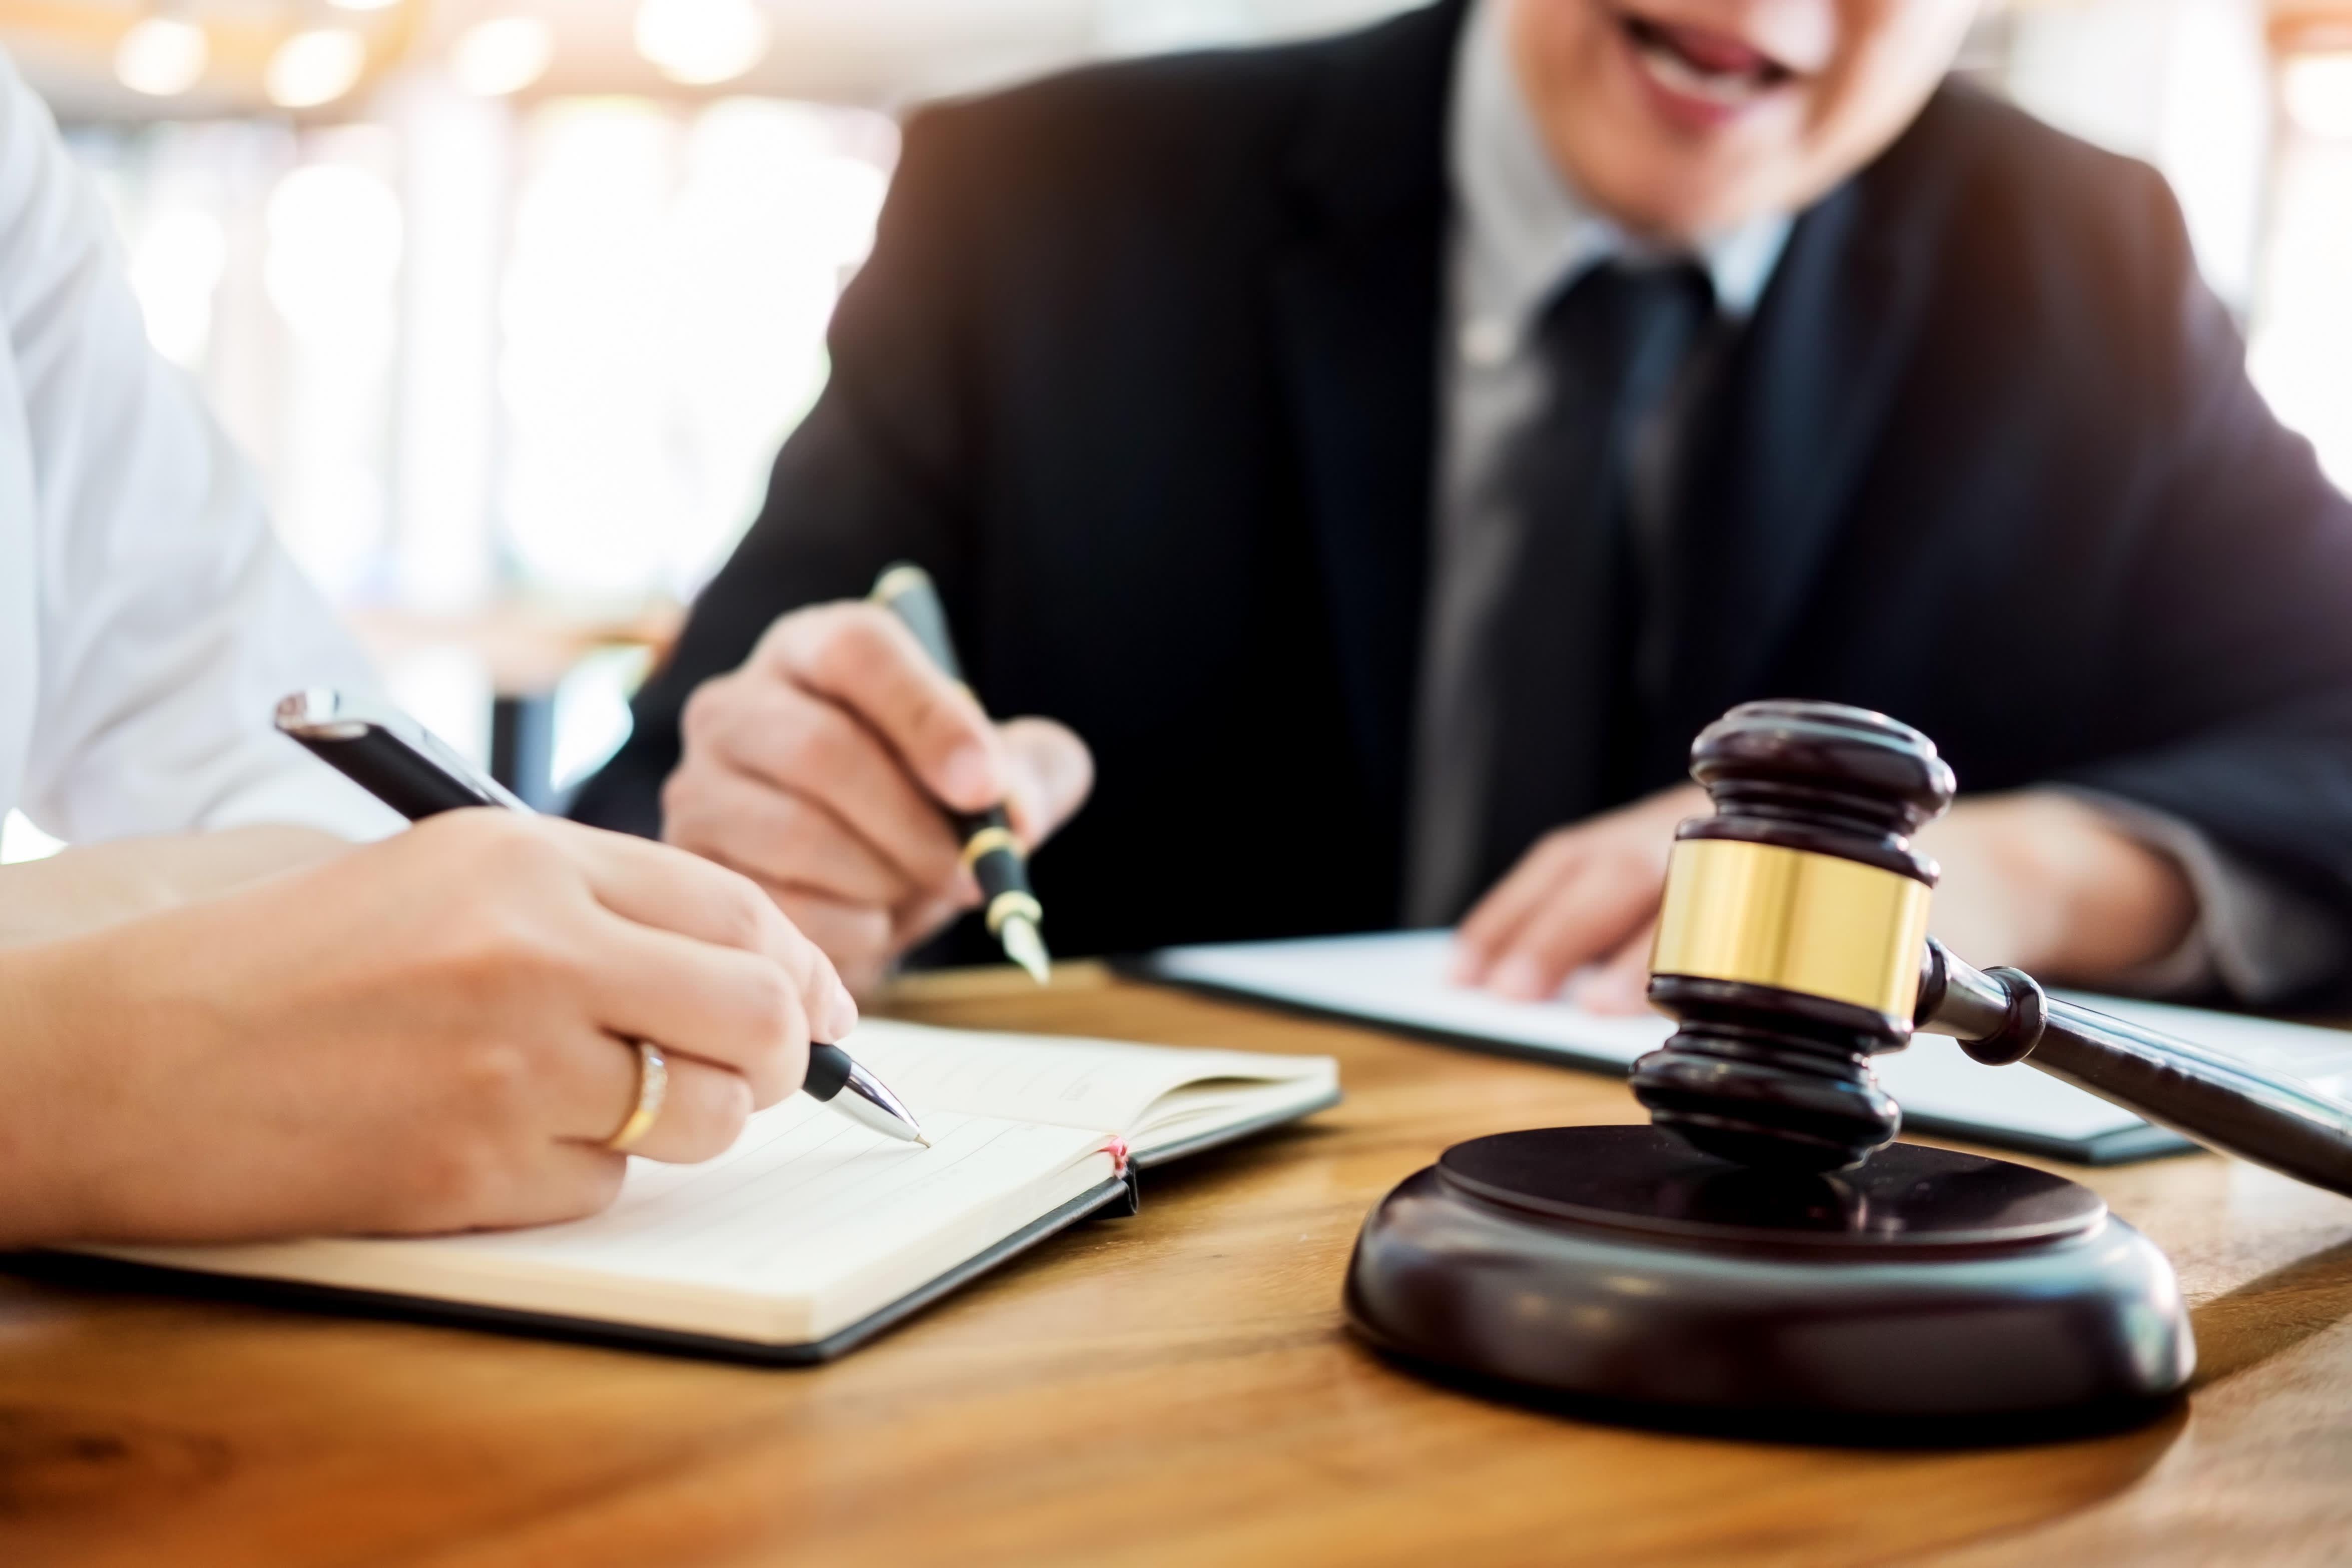 ۶- تعریف جامعی از وکیل و چه وظایفی بر عهده ی وکیل است؟